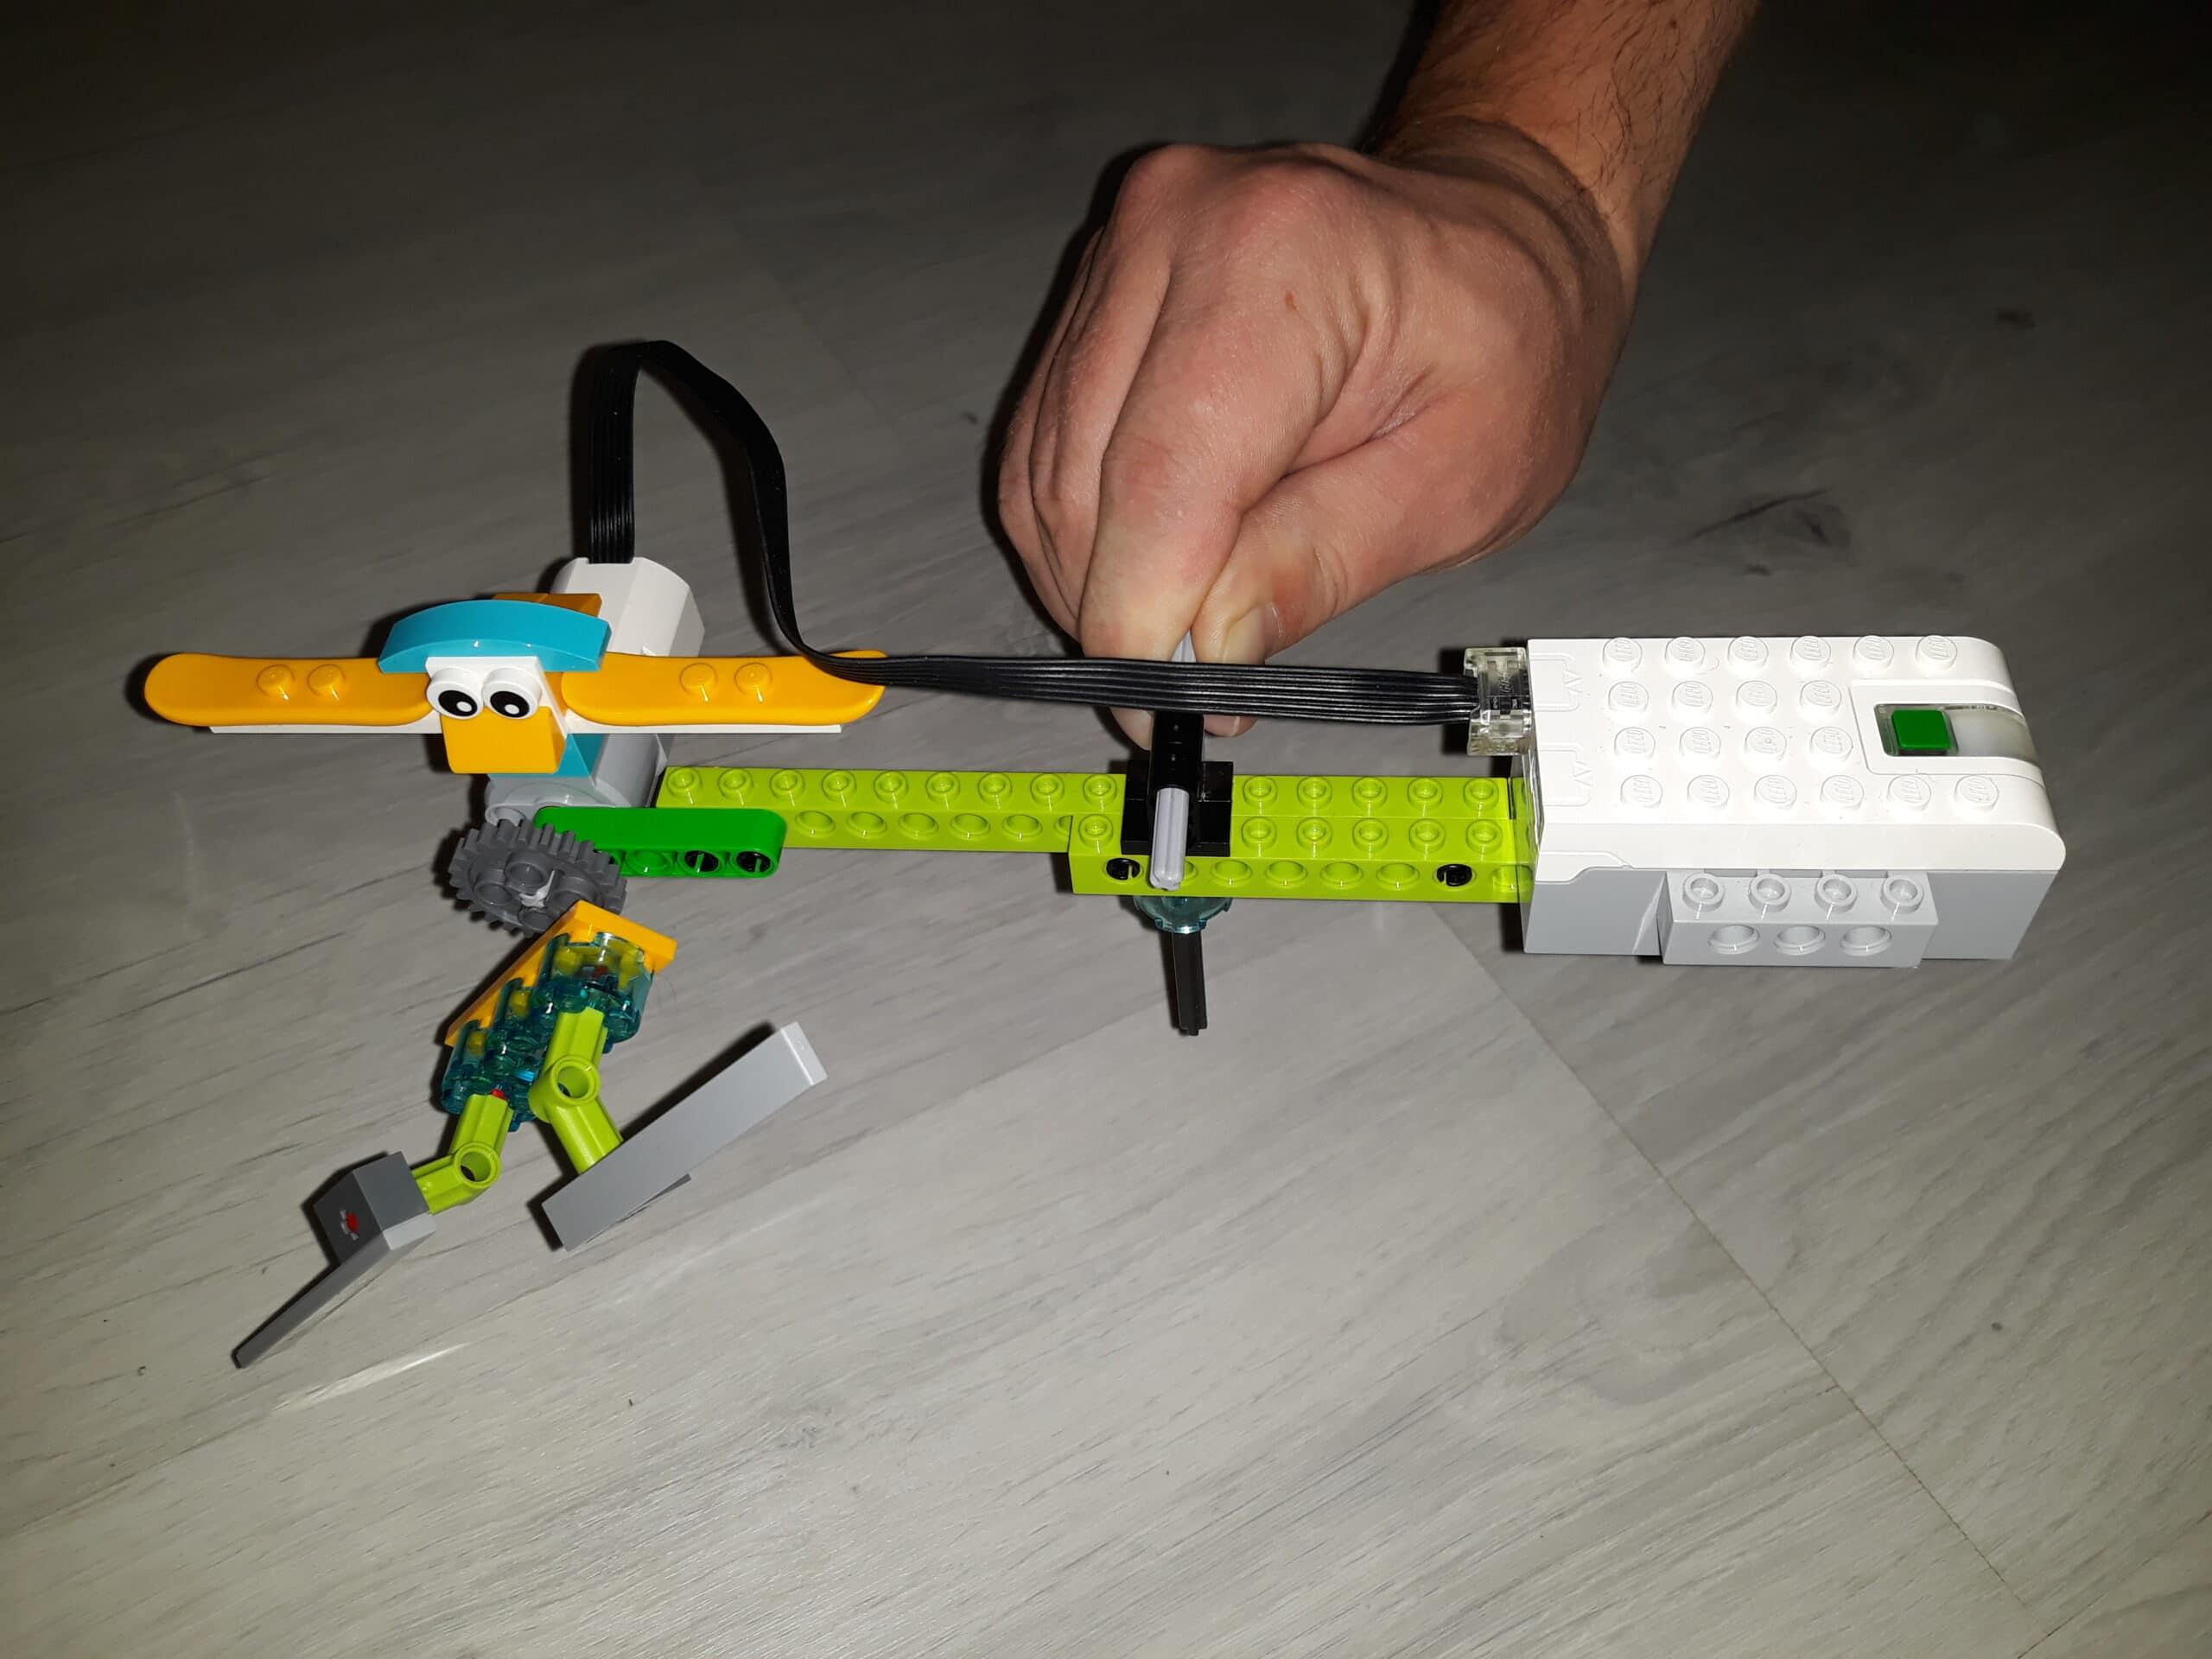 Распределение баланса в инструкции пилот на LEGO Education WeDo 2.0